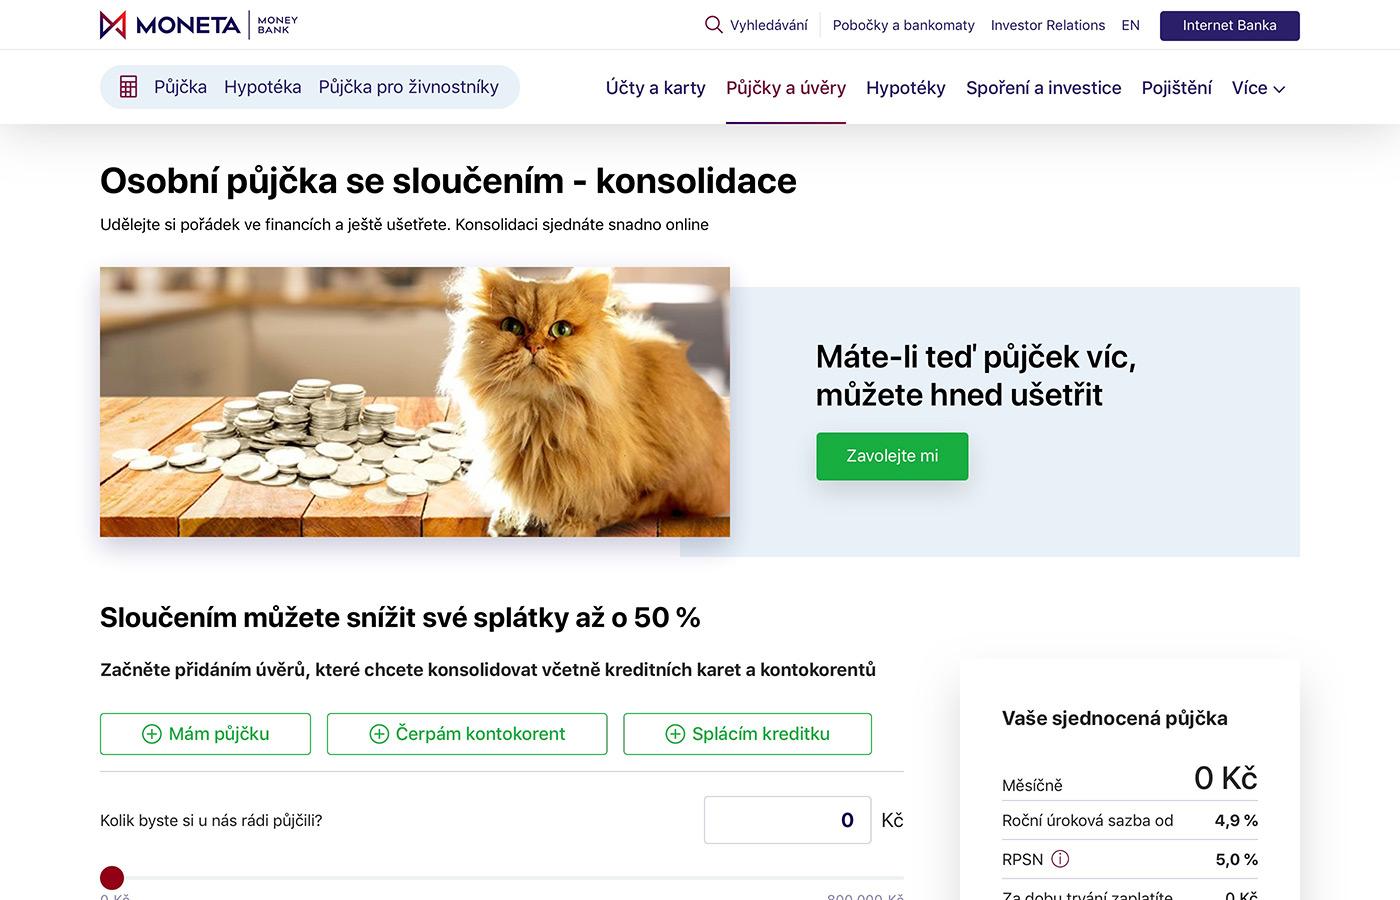 Náhled webových stránek www.moneta.cz/pujcky-a-uvery/slouceni-pujcek